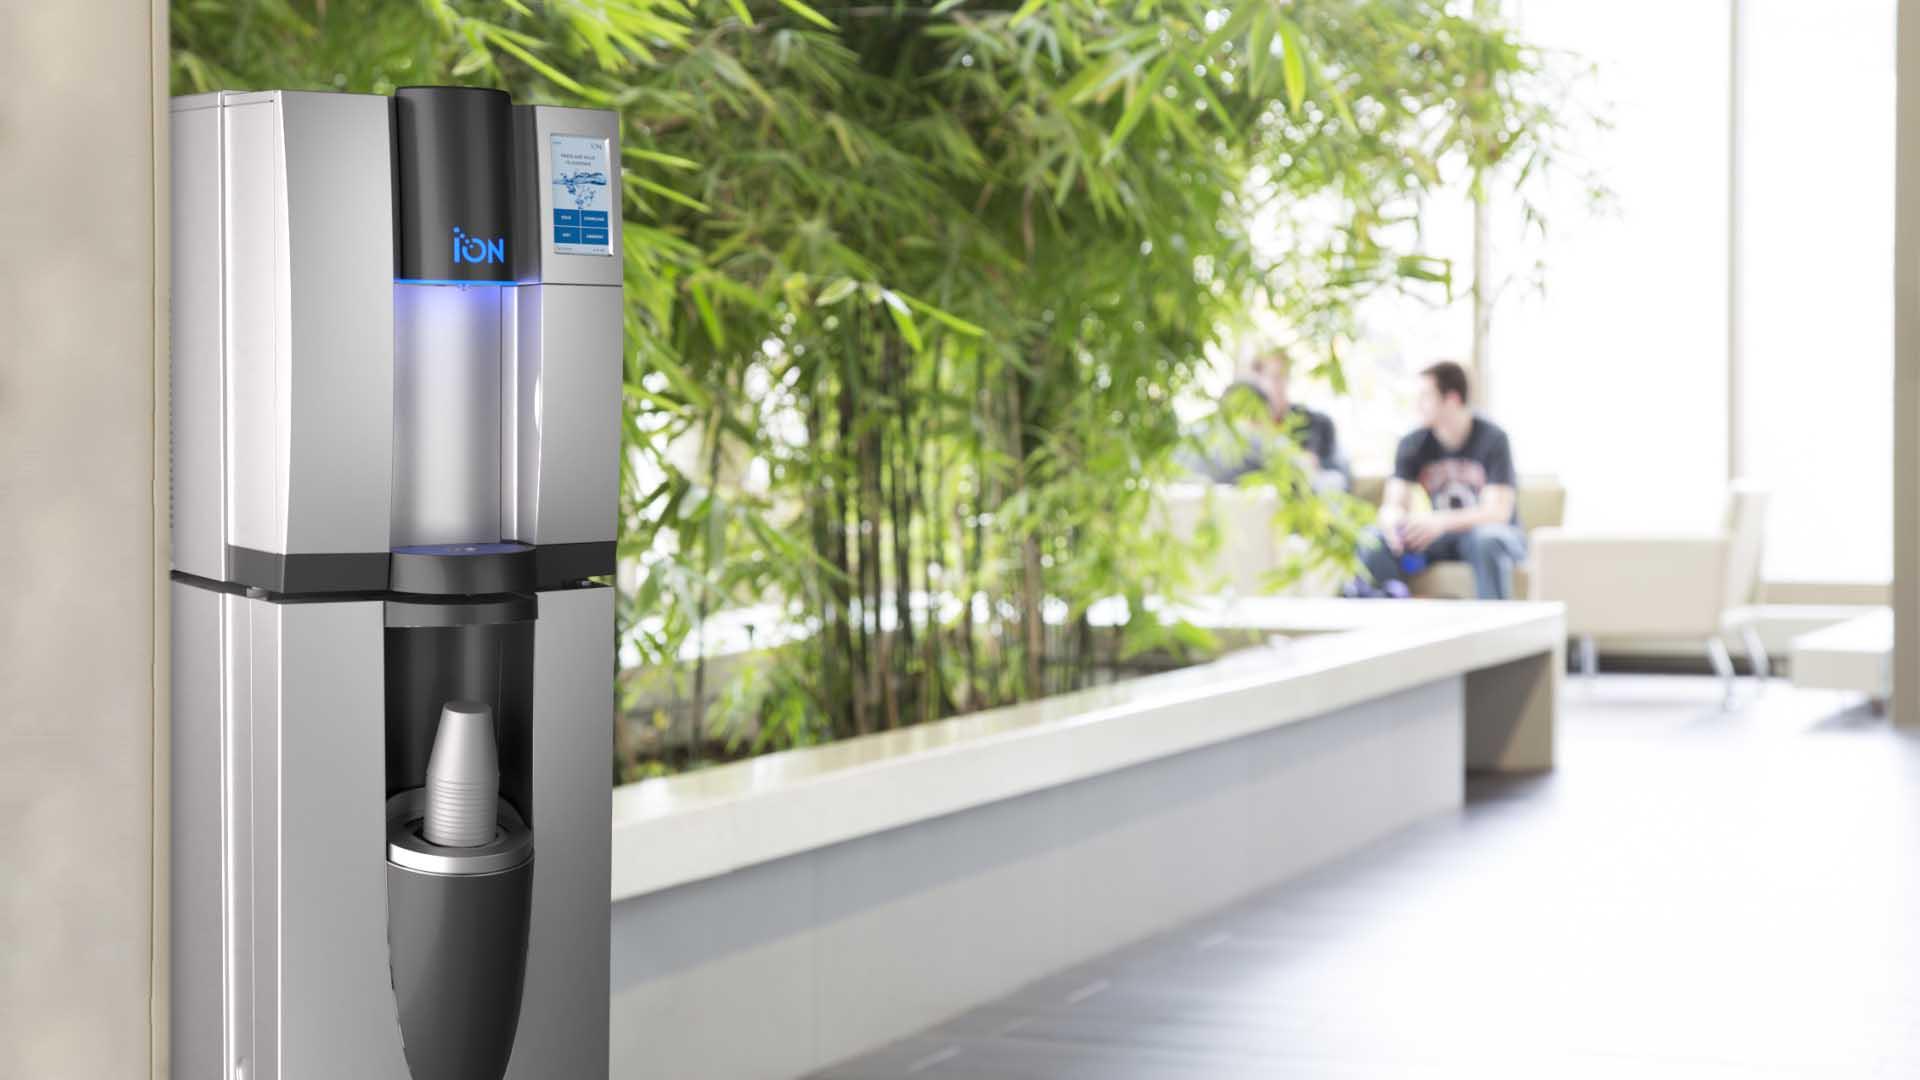 ion vanndispenser i kantine